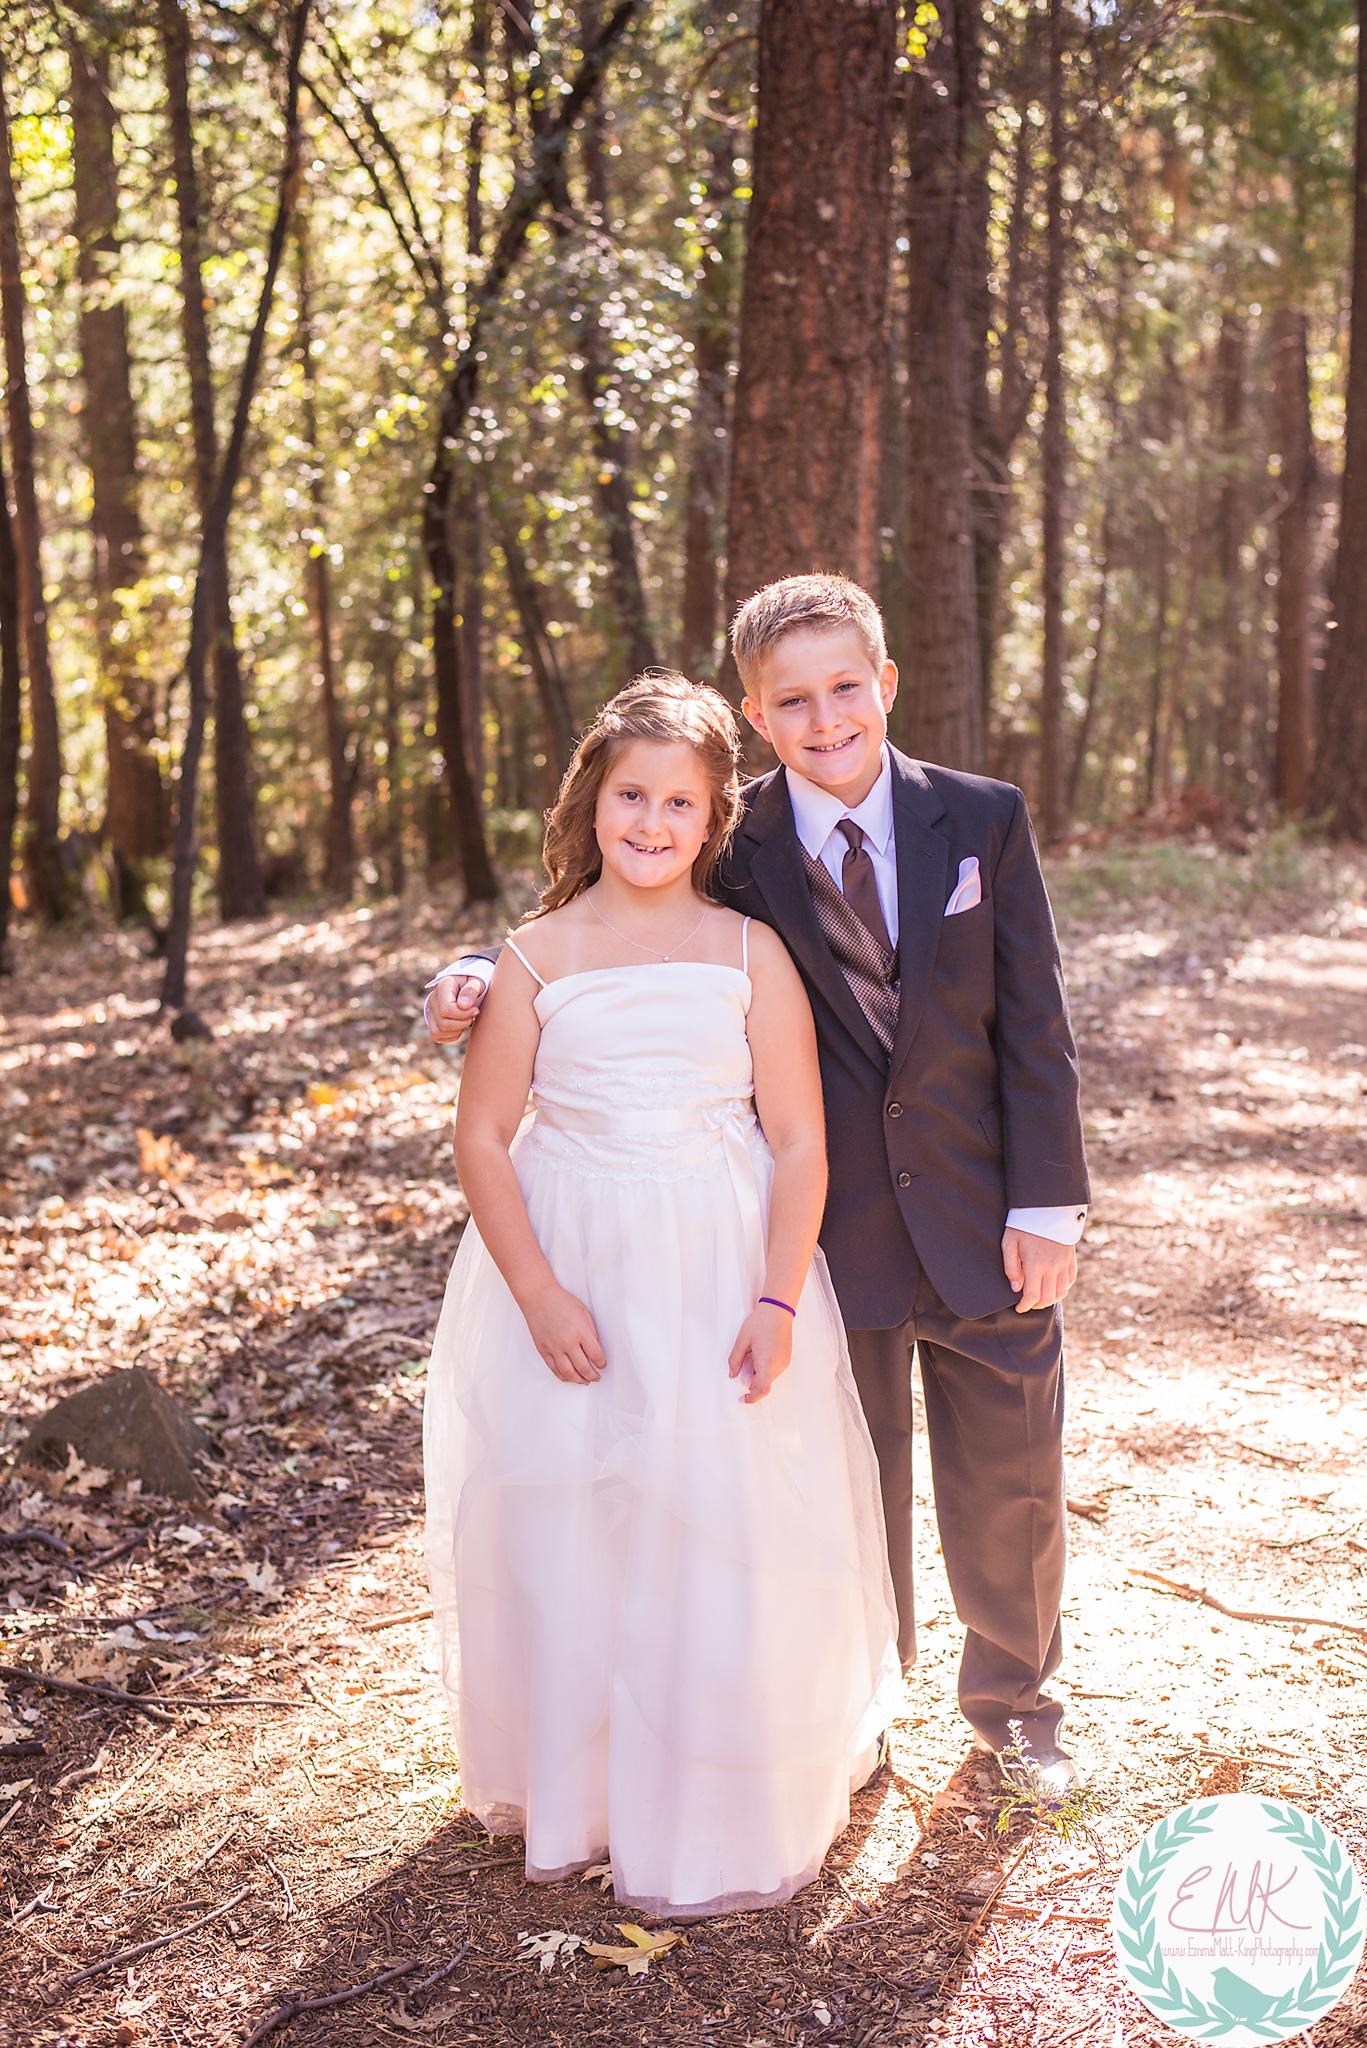 Waters Wedding EMKPhotography -18.jpg